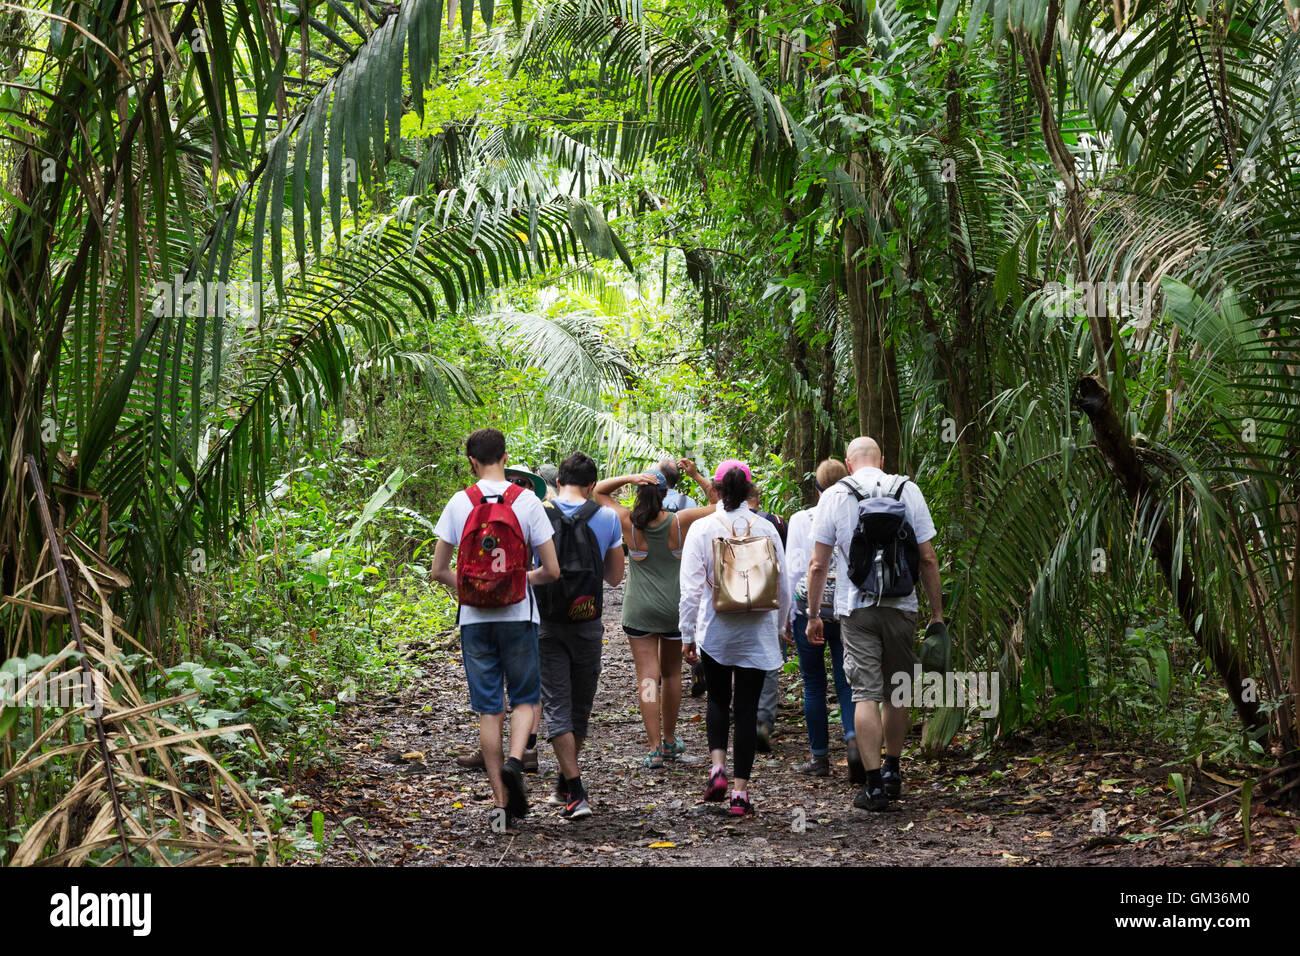 Los visitantes a caminar en la selva en un tour guiado, Monteverde, Costa Rica, Centroamérica Foto de stock